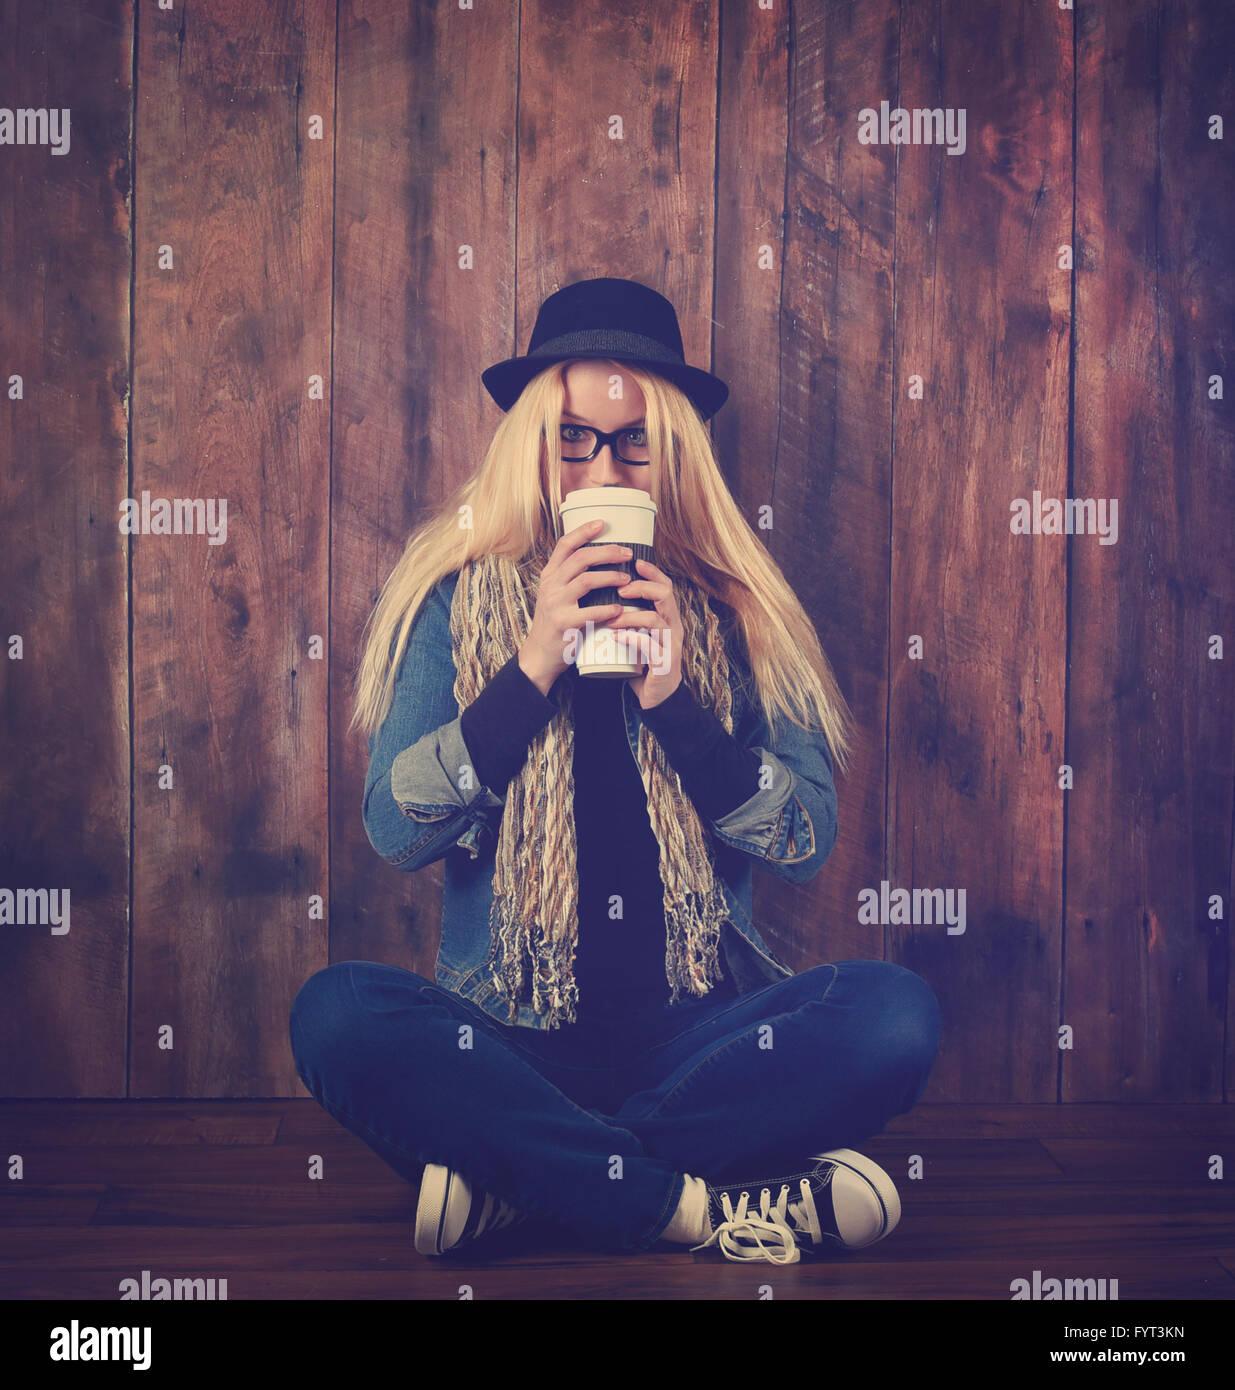 Eine junge Hipster Frau trinkt einen Kaffee trinken Holz im Hintergrund. Sie hat Gläser und einen Hut auf. Stockbild